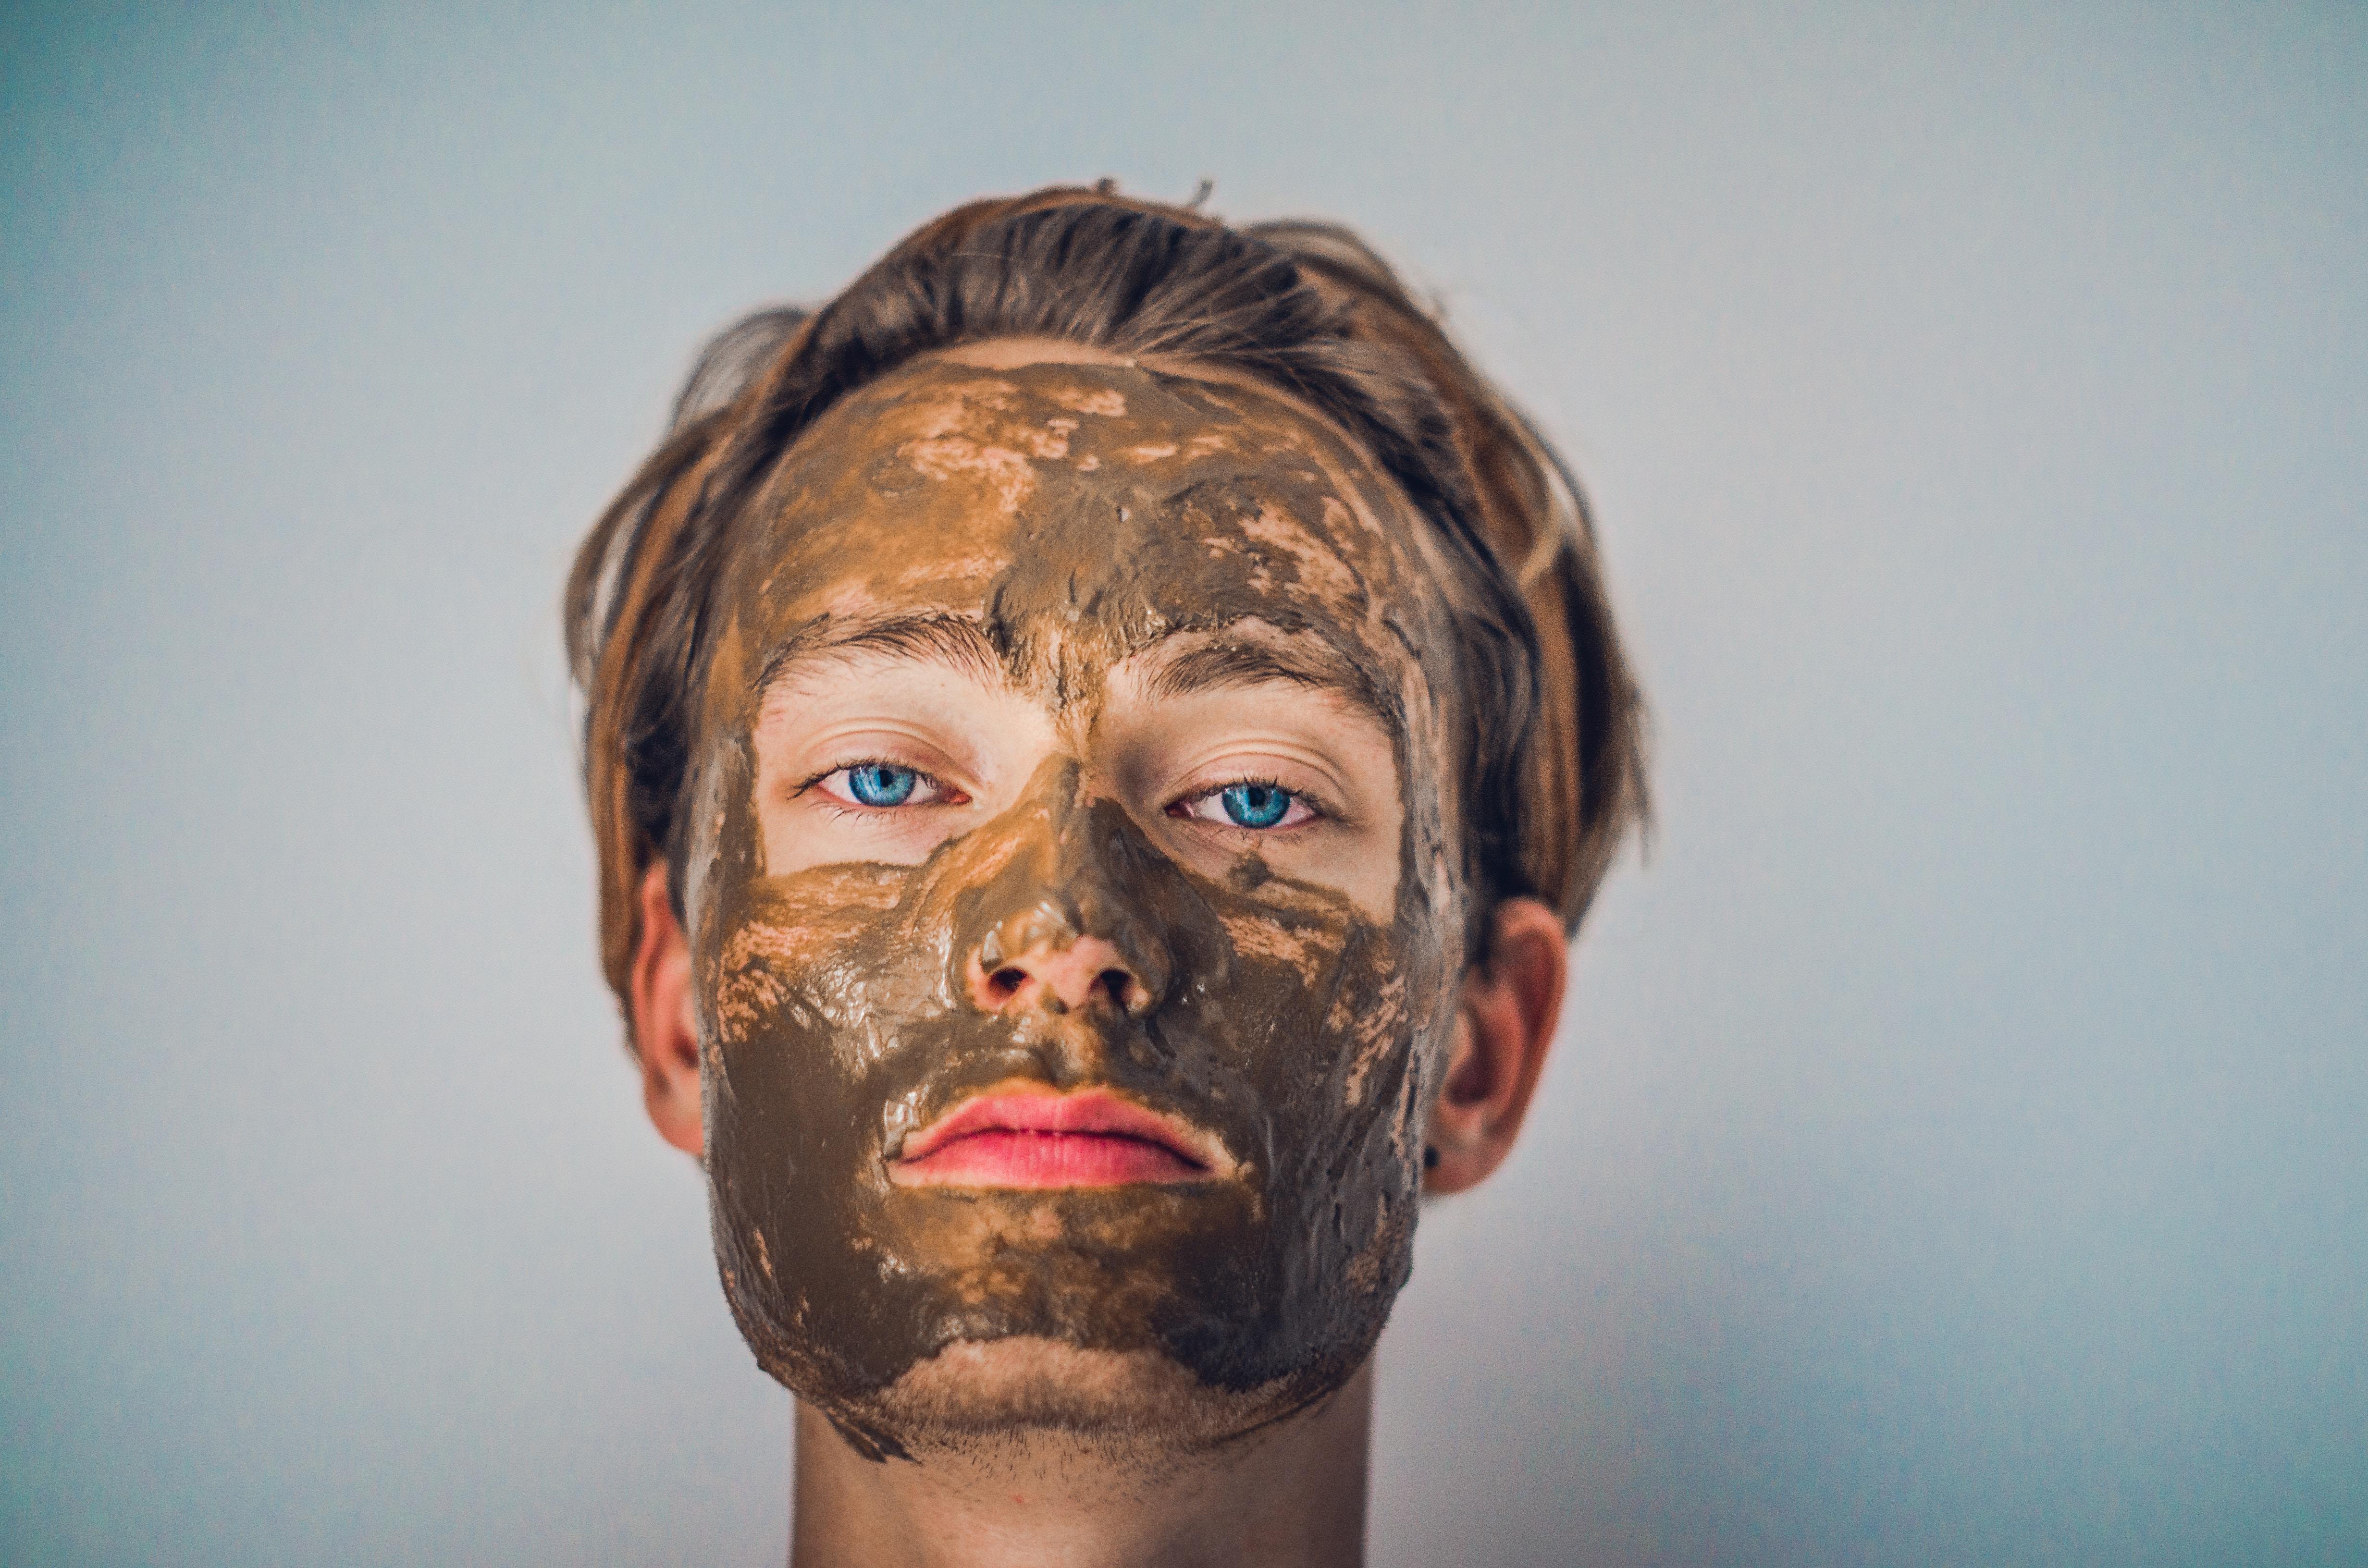 Ein Mann mit einer Gesichtsmaske.